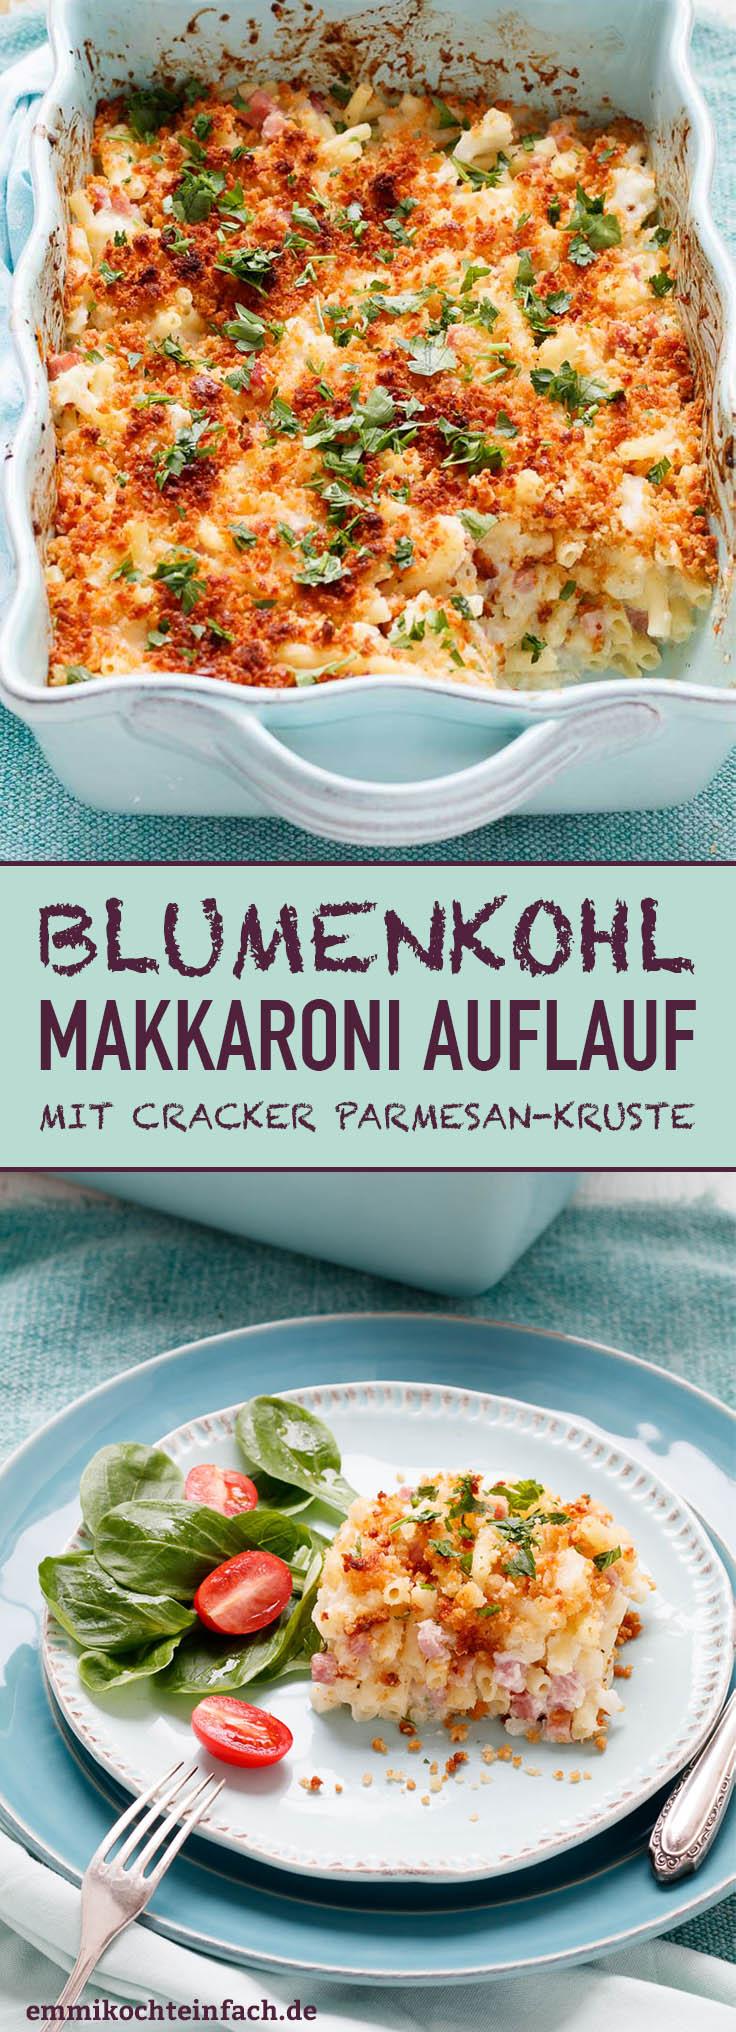 Blumenkohl Makkaroni Auflauf - www.emmikochteinfach.de